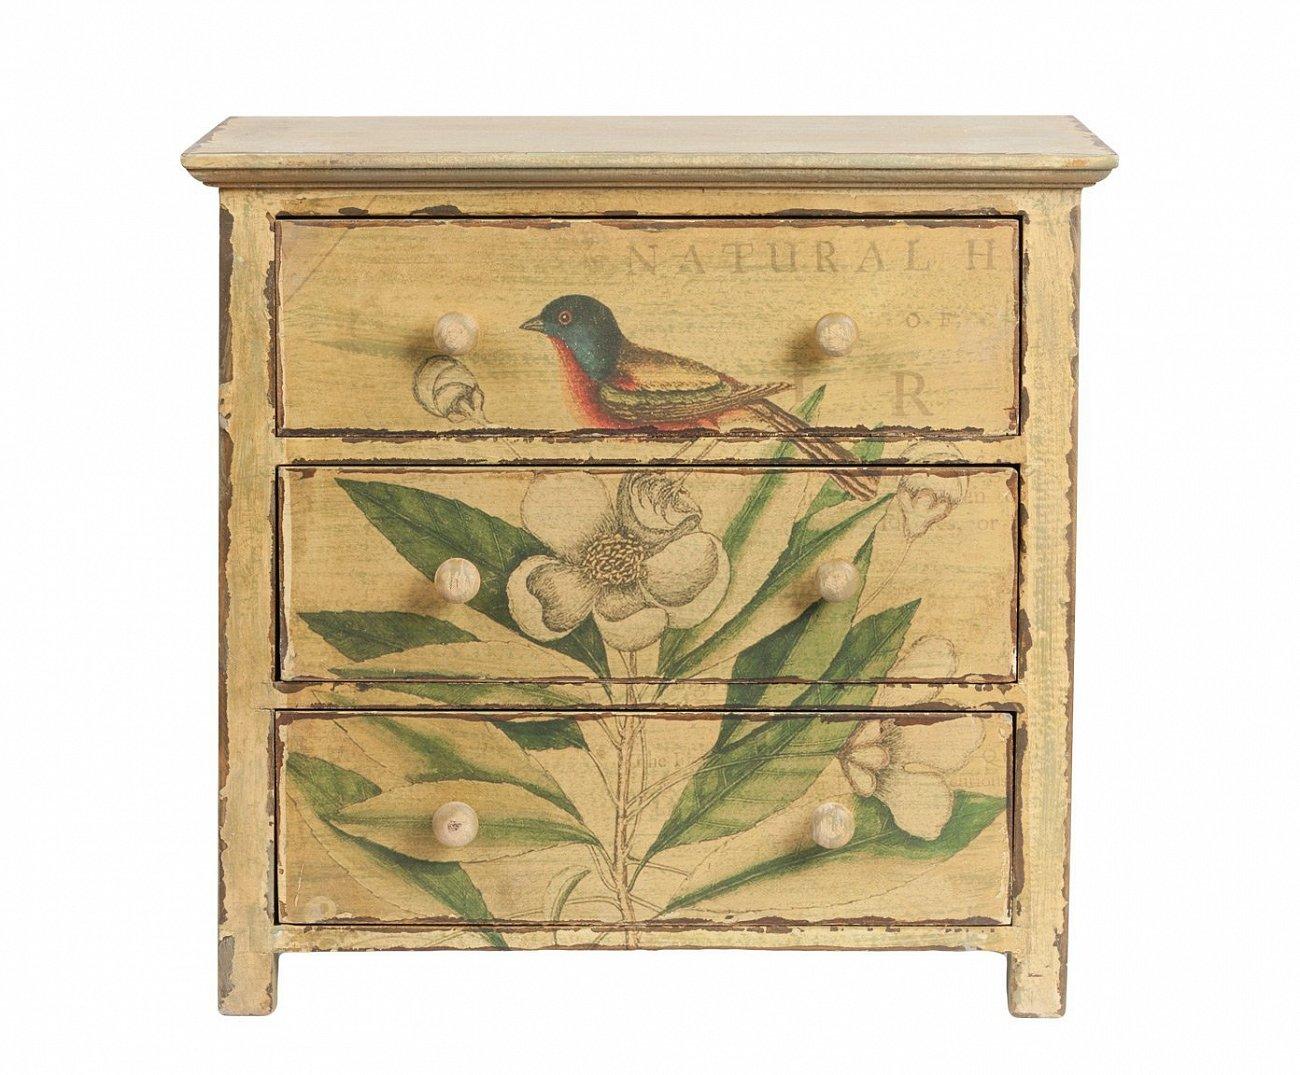 Купить Декоративный мини-комод для хранения мелочей Pittura в интернет магазине дизайнерской мебели и аксессуаров для дома и дачи